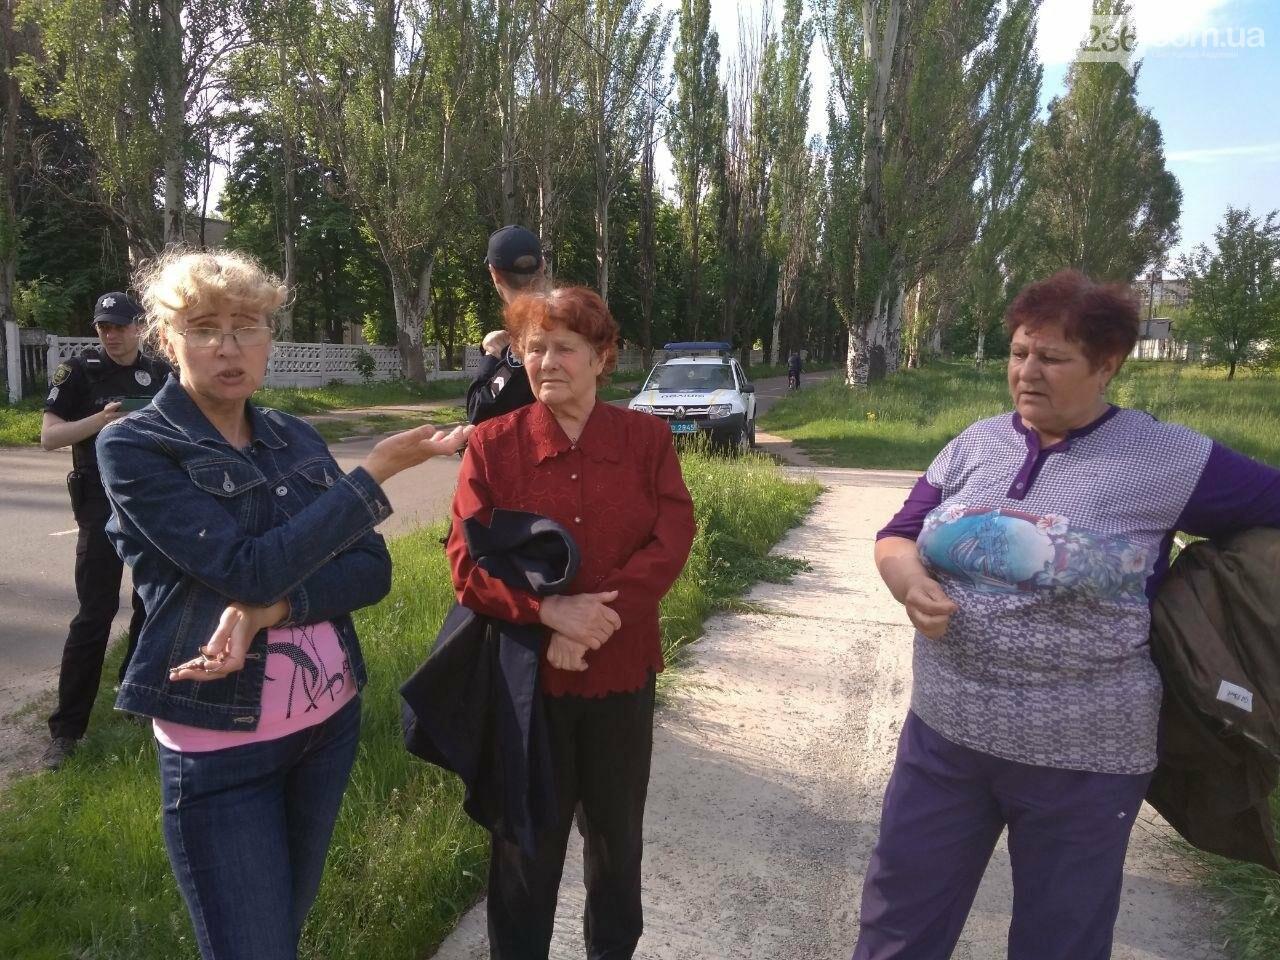 В Авдеевке полиция задержала активистов, разобравших памятник погибшим жителям (ФОТОФАКТ), фото-5